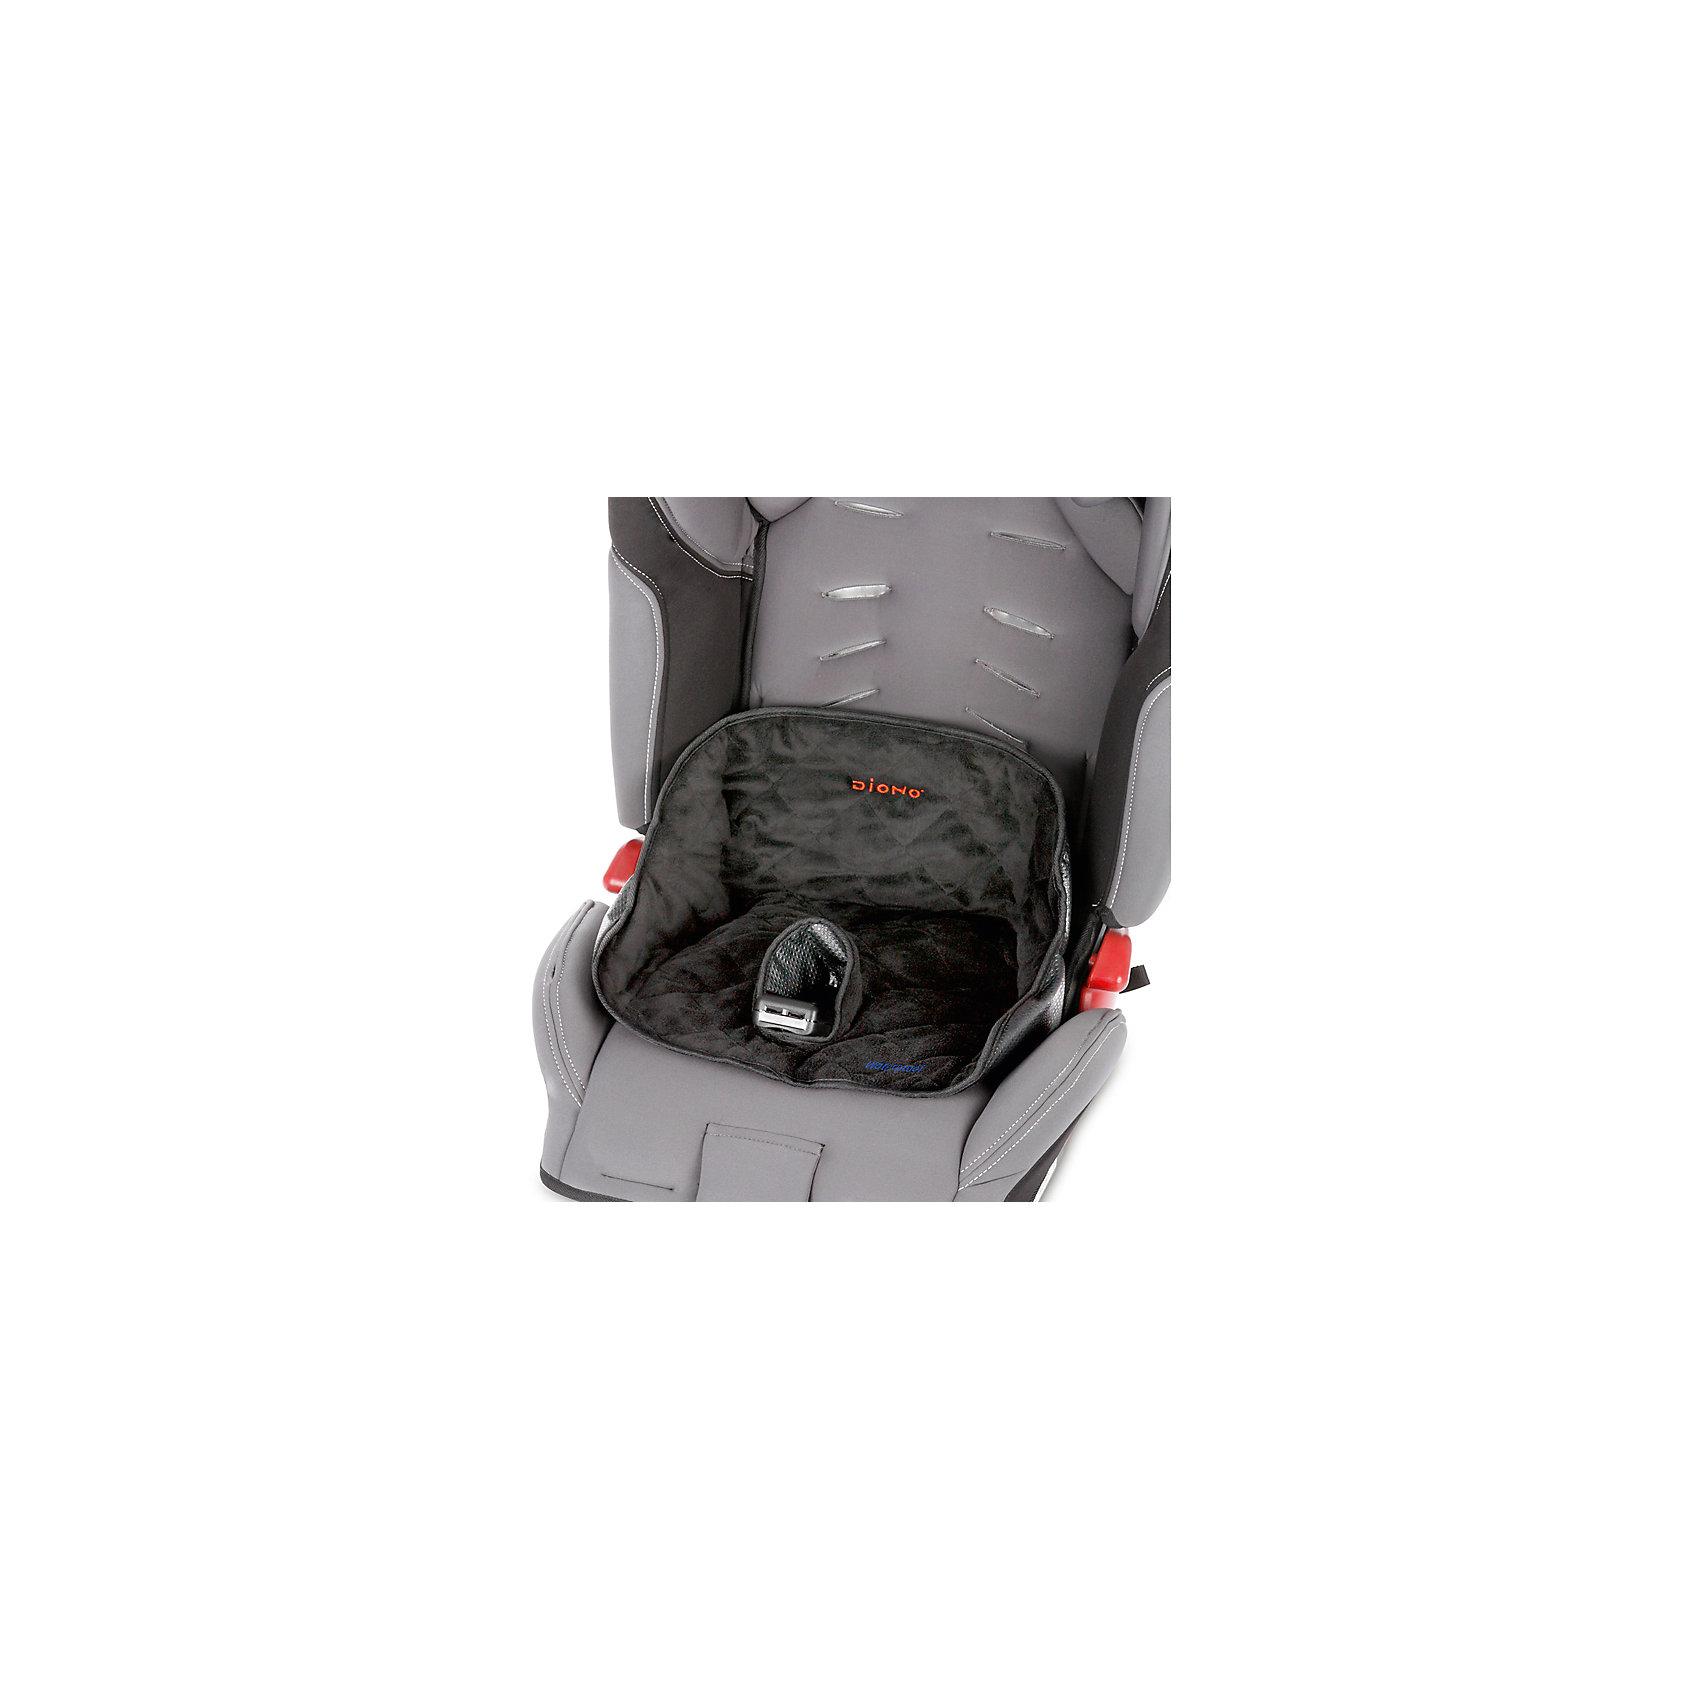 Водонепроницаемая накладка на сиденье Ultra Dry, DionoНакладка на сидение Diono Ultra Dry водонепроницаемая и отлично подойдет для автокресел и колясок. Накладка защитит сидение от крошек и воды при протекании подгузника или если ребенок пролил жидкость. Верхние ткани мягкие, не вызывают раздражения на нежной коже ребенка.<br>Особенности:<br>-легко использовать<br>-подходит для всех колясок, автокресел и стульчиков<br>-накладку можно стирать, в том числе в стиральной машине<br><br>Дополнительная информация:<br>Цвет: черный<br>Материал: плюшевая ткань<br>Размер: 35х15х30 см<br>Вес: 485 грамм<br>Вы можете приобрести накладку на сидение Diono Ultra Dry в нашем интернет-магазине.<br><br>Ширина мм: 300<br>Глубина мм: 150<br>Высота мм: 350<br>Вес г: 485<br>Возраст от месяцев: 9<br>Возраст до месяцев: 48<br>Пол: Унисекс<br>Возраст: Детский<br>SKU: 4794369